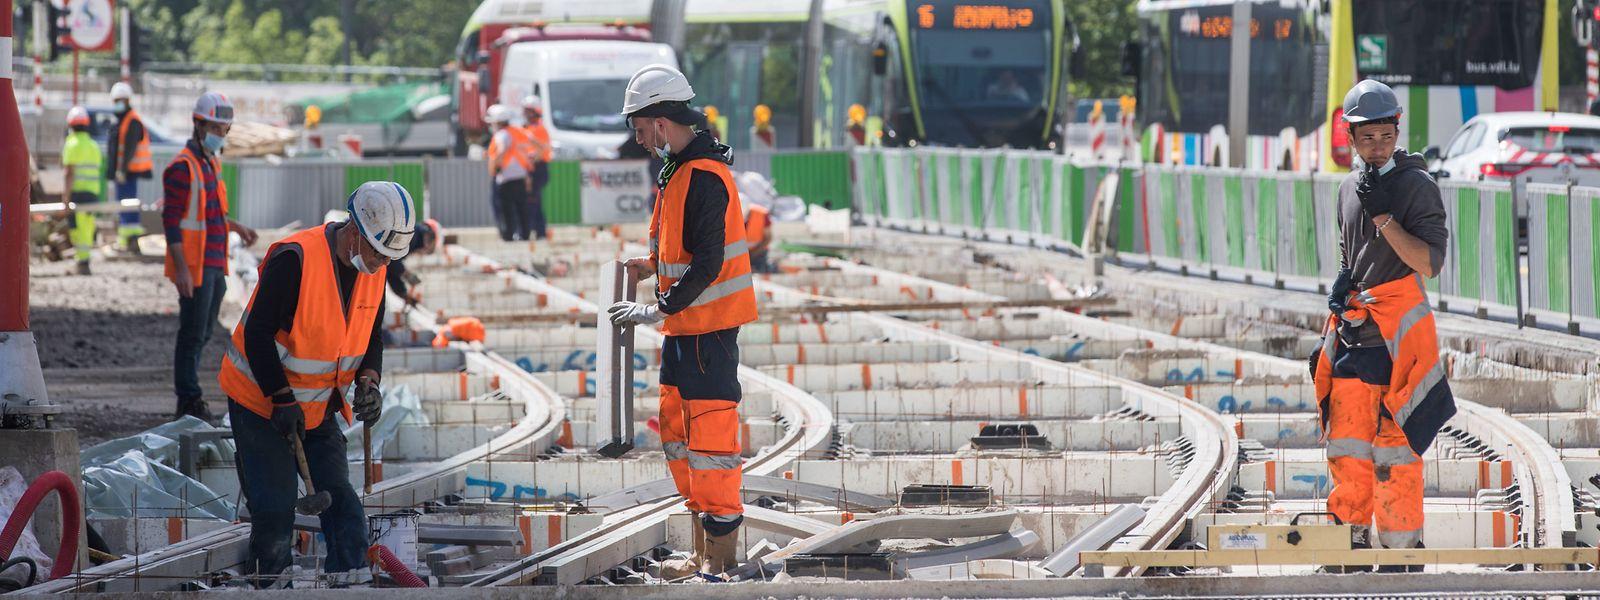 Le secteur demande à bénéficier d'un report pour finir les chantiers signés avant le covid-19 sans pénalité.